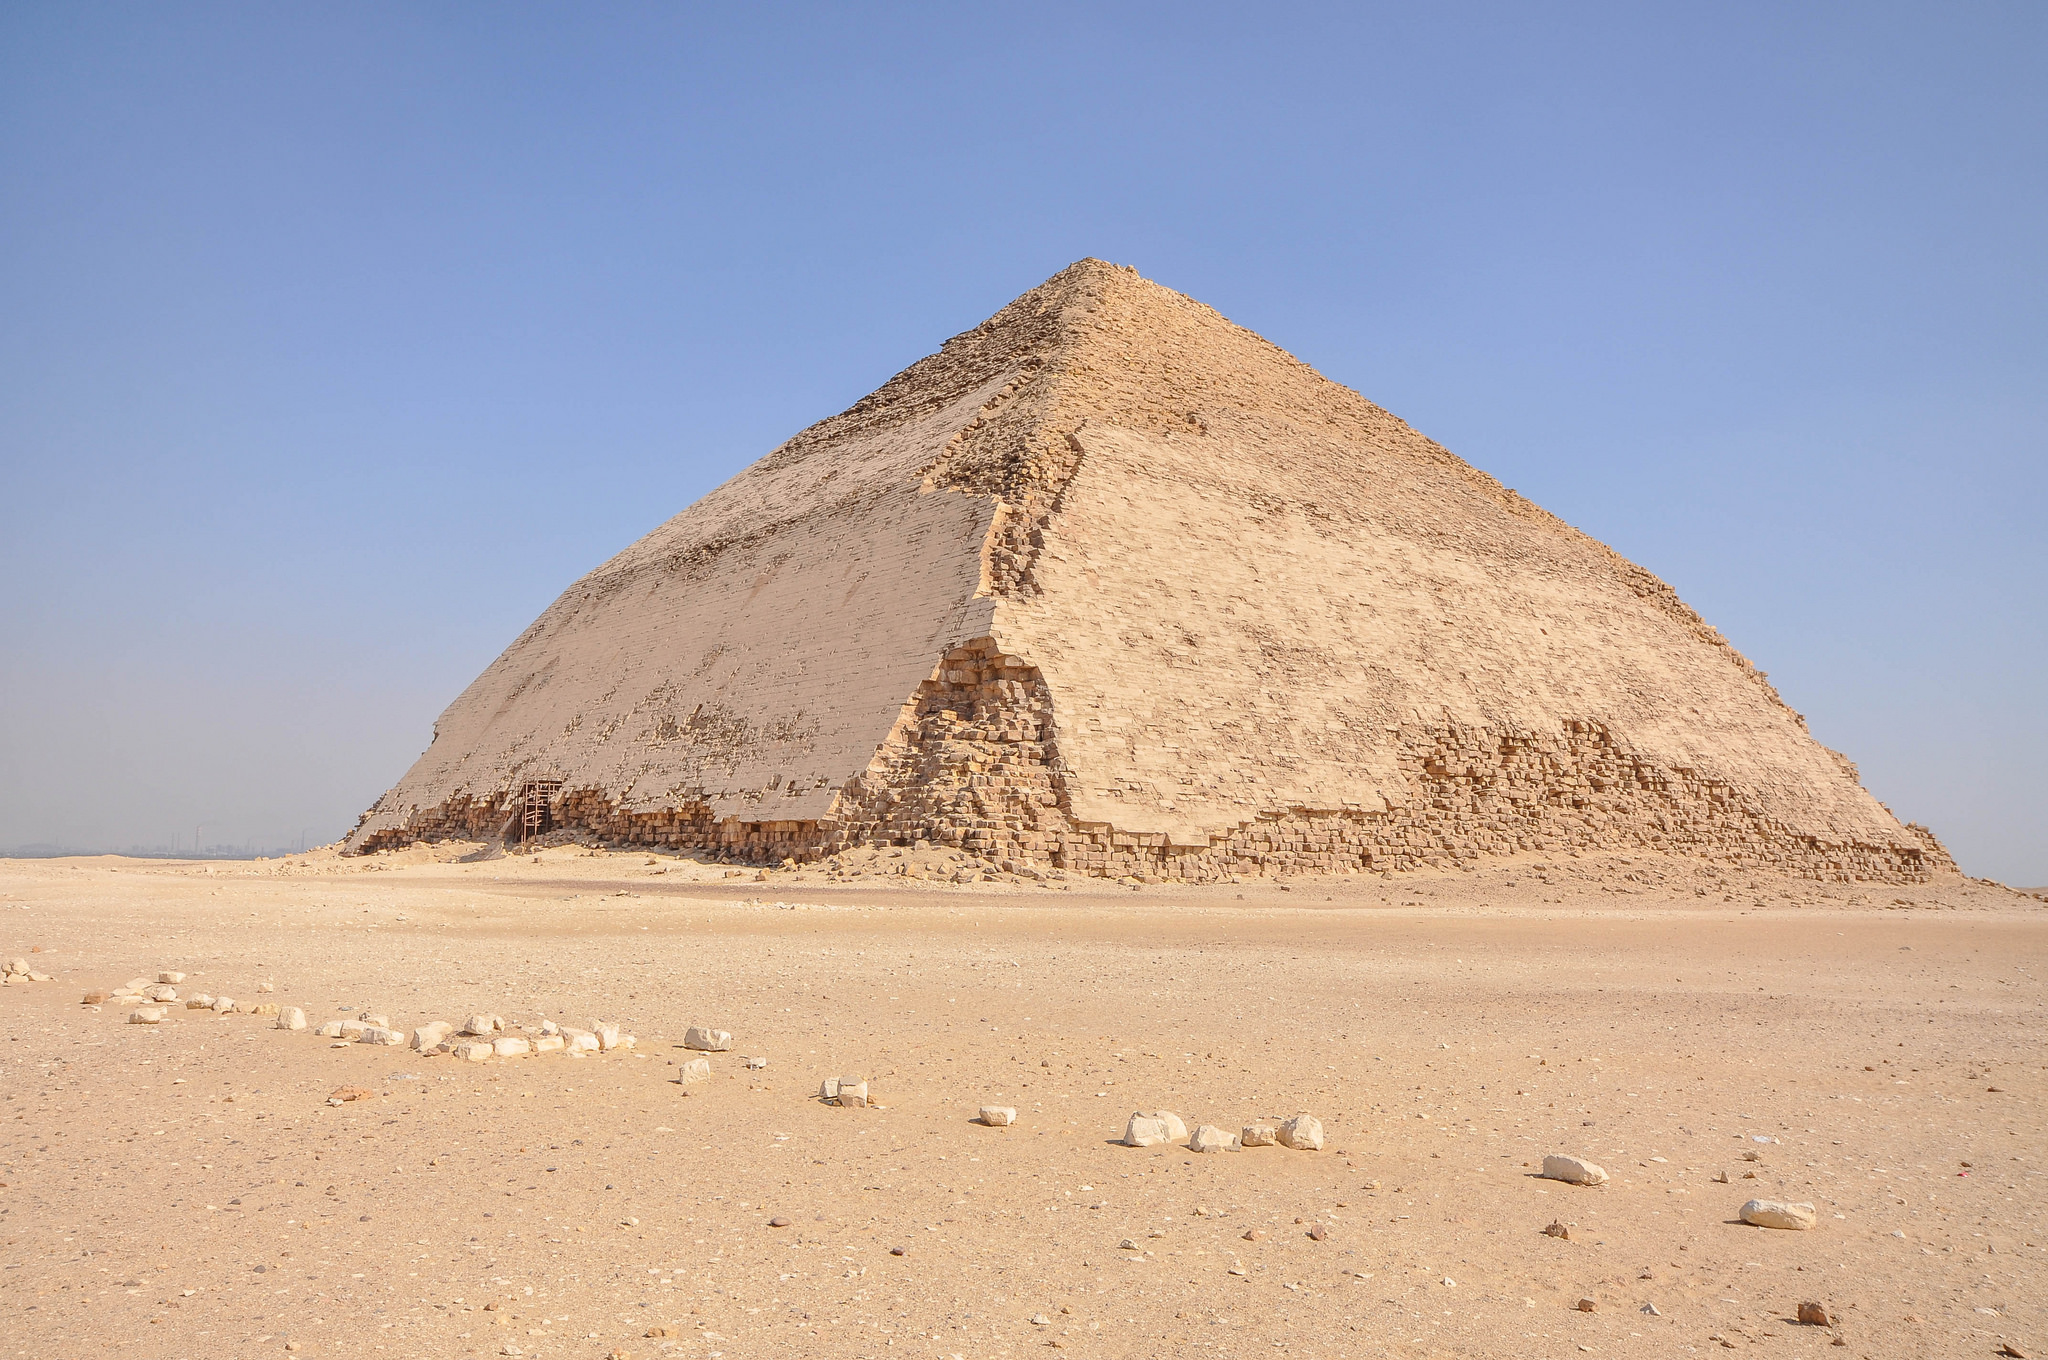 Дахшур, Ломаная пирамида Снофру